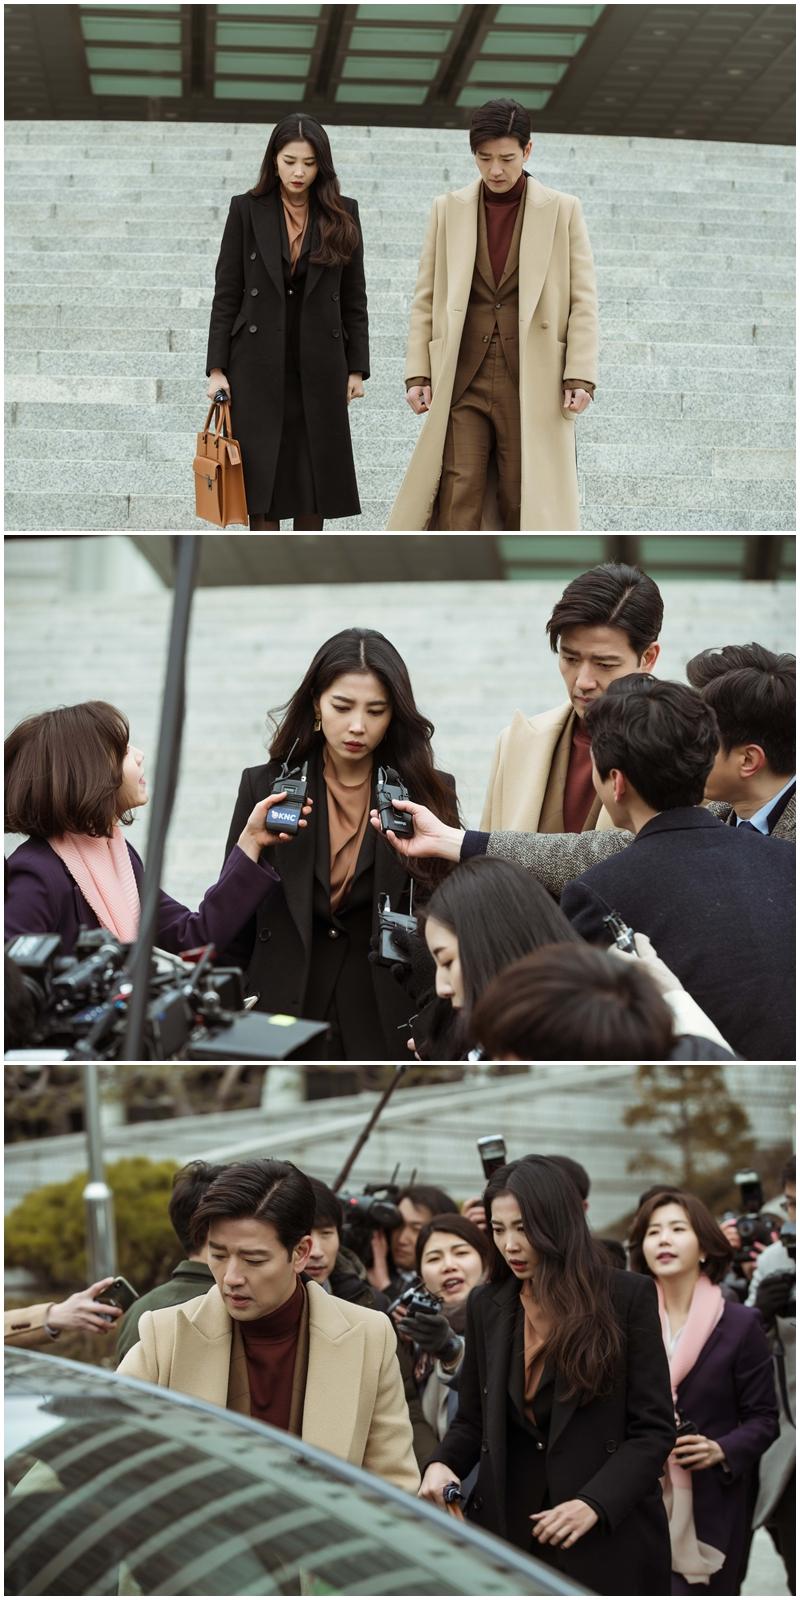 '신과의 약속' 배수빈, 재판 마친 오윤아 에스코트하는 이유는? '관심 집중'